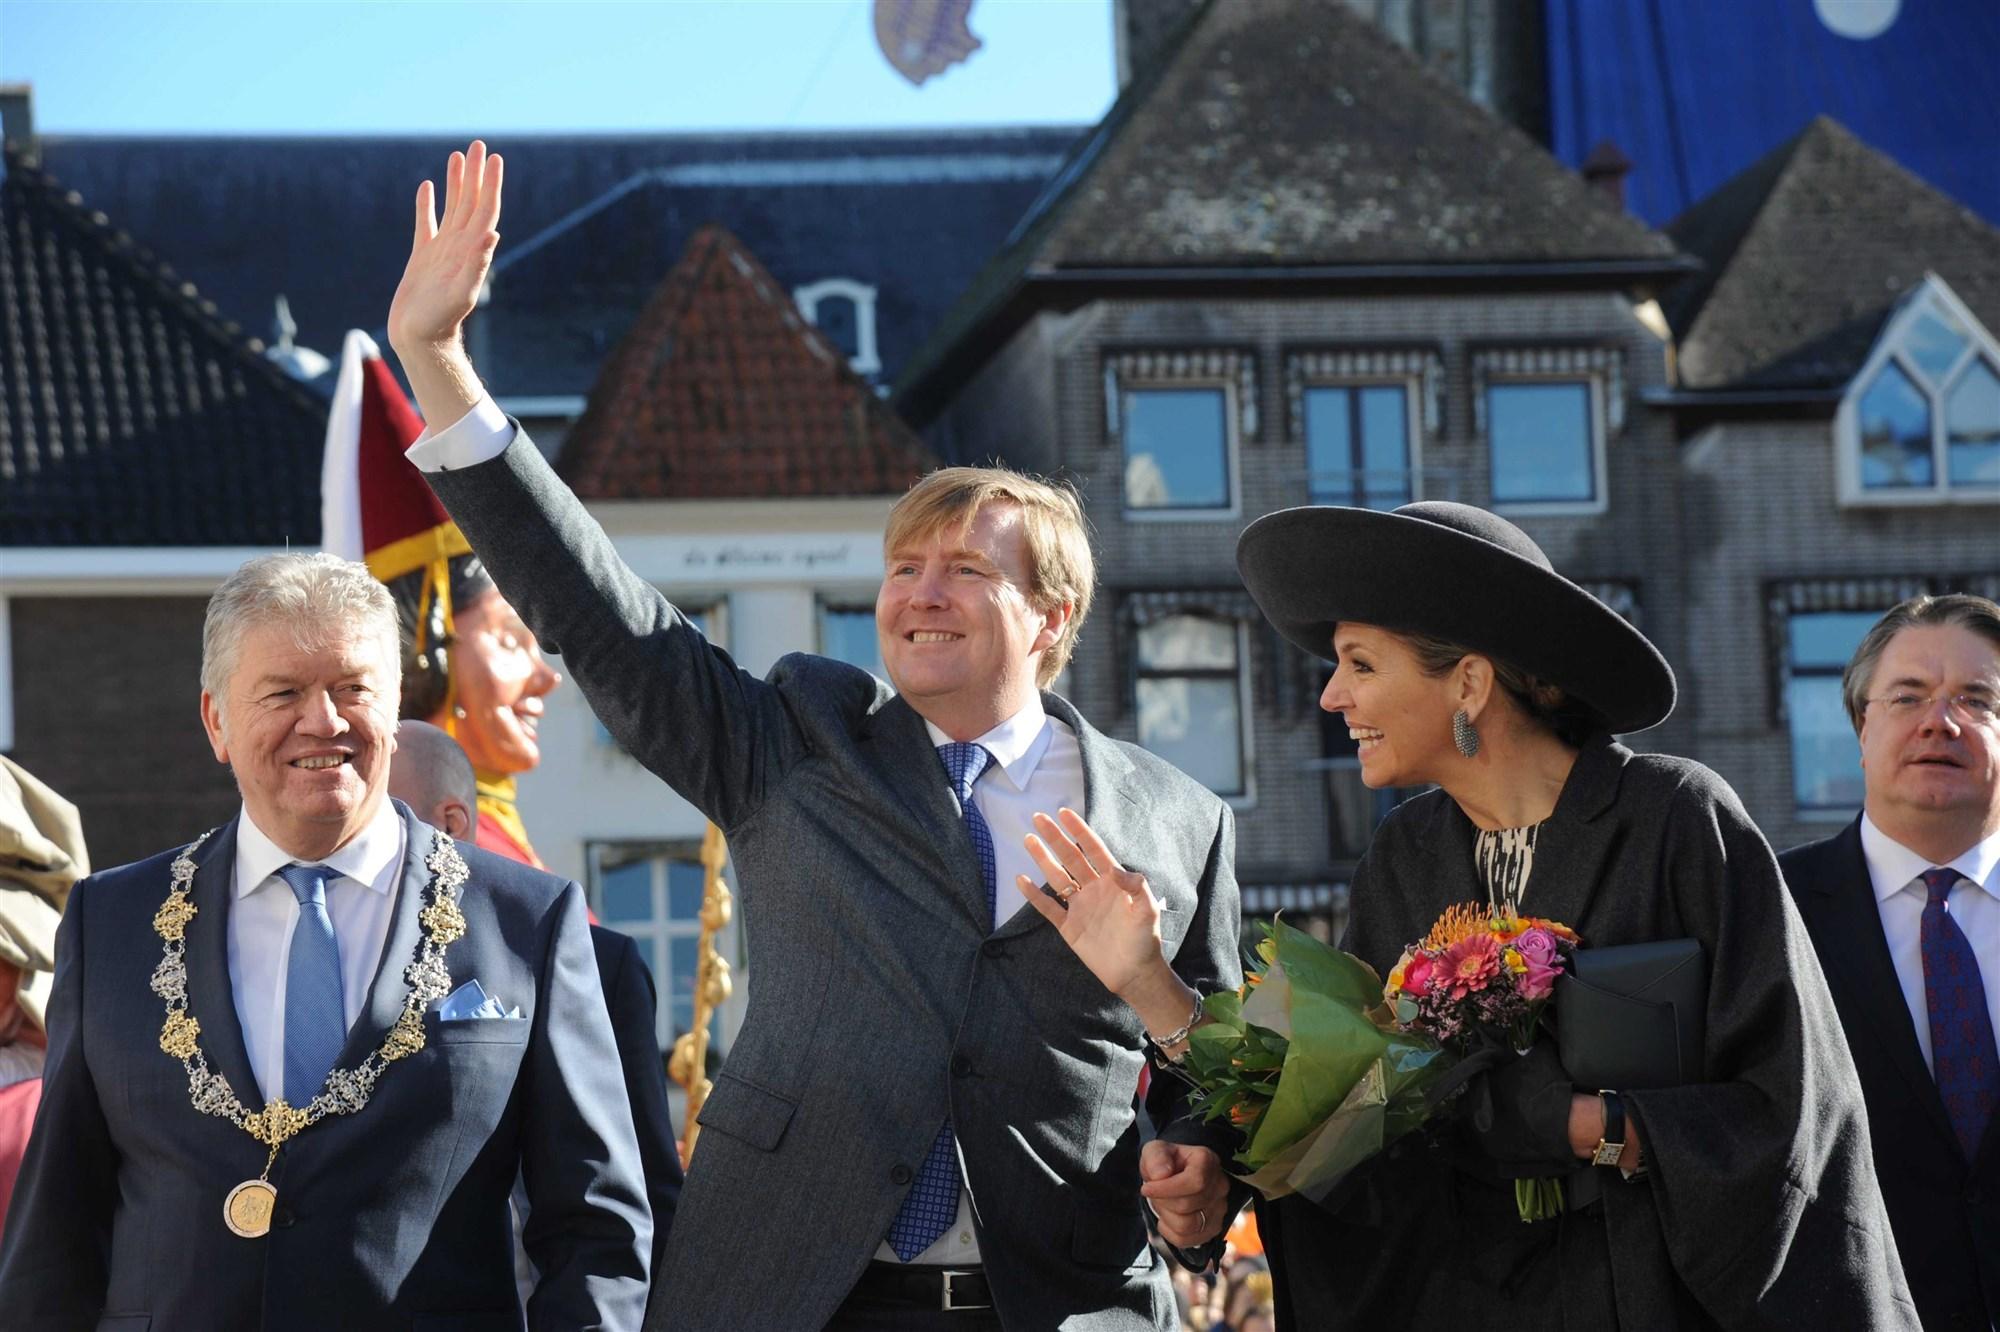 koning Koningin willem-alexander willem alexander maxima peperbus stadsreuzen trui van de toren burgemeester